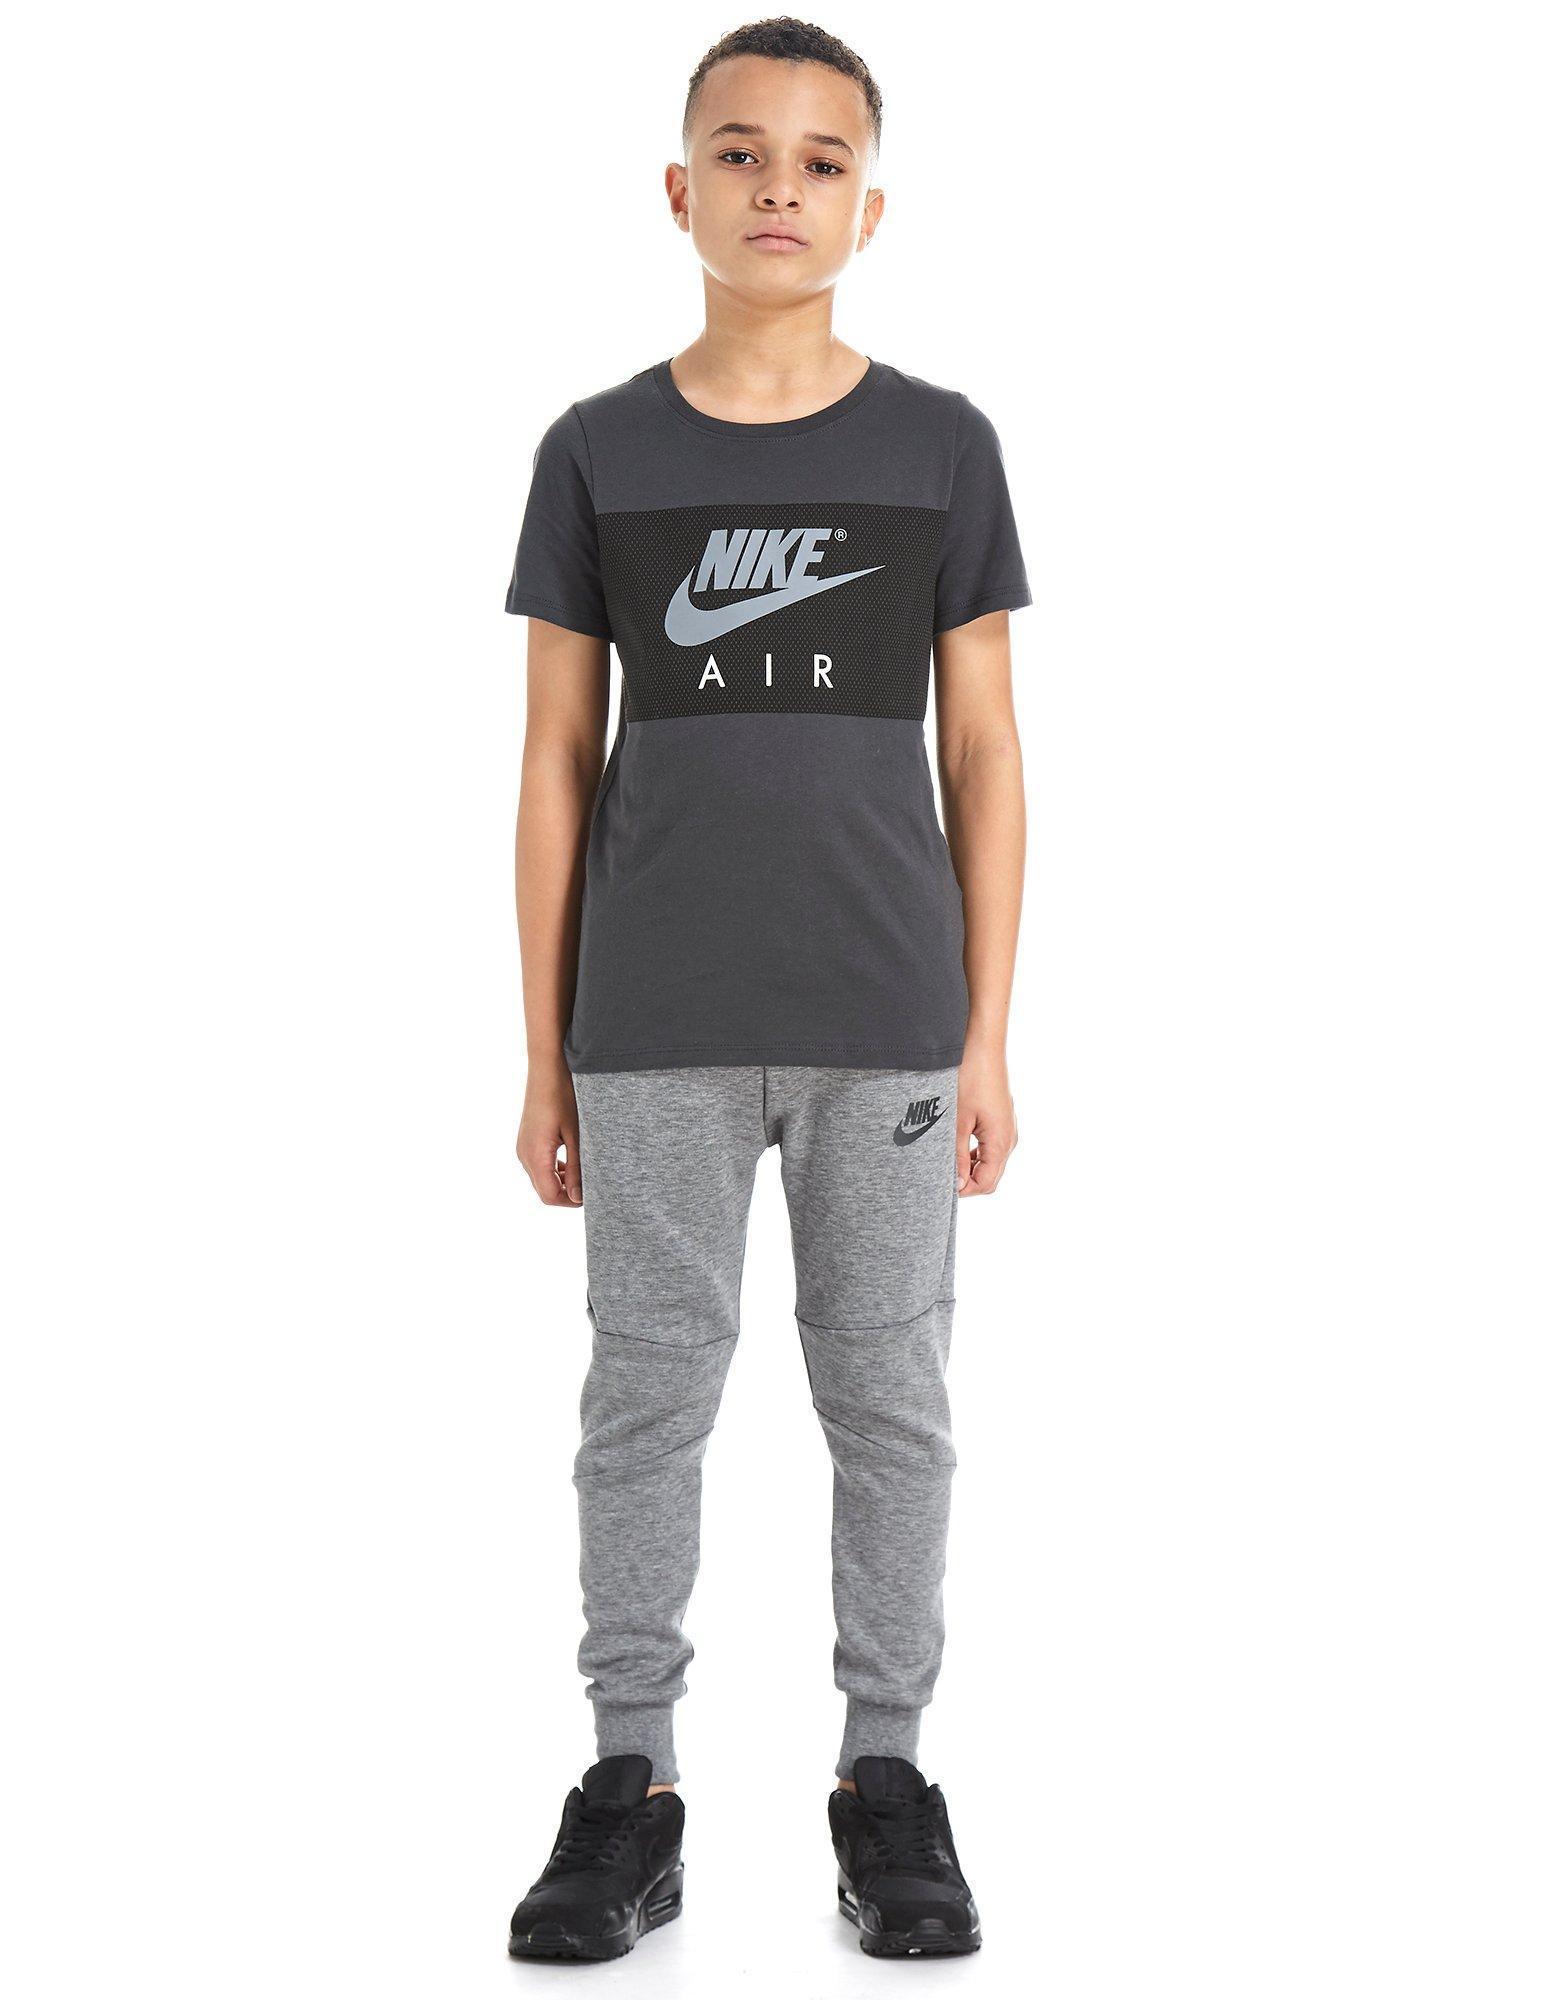 e44e1889ff62b2 Nike Air Colour Block T-shirt Junior in Gray for Men - Lyst